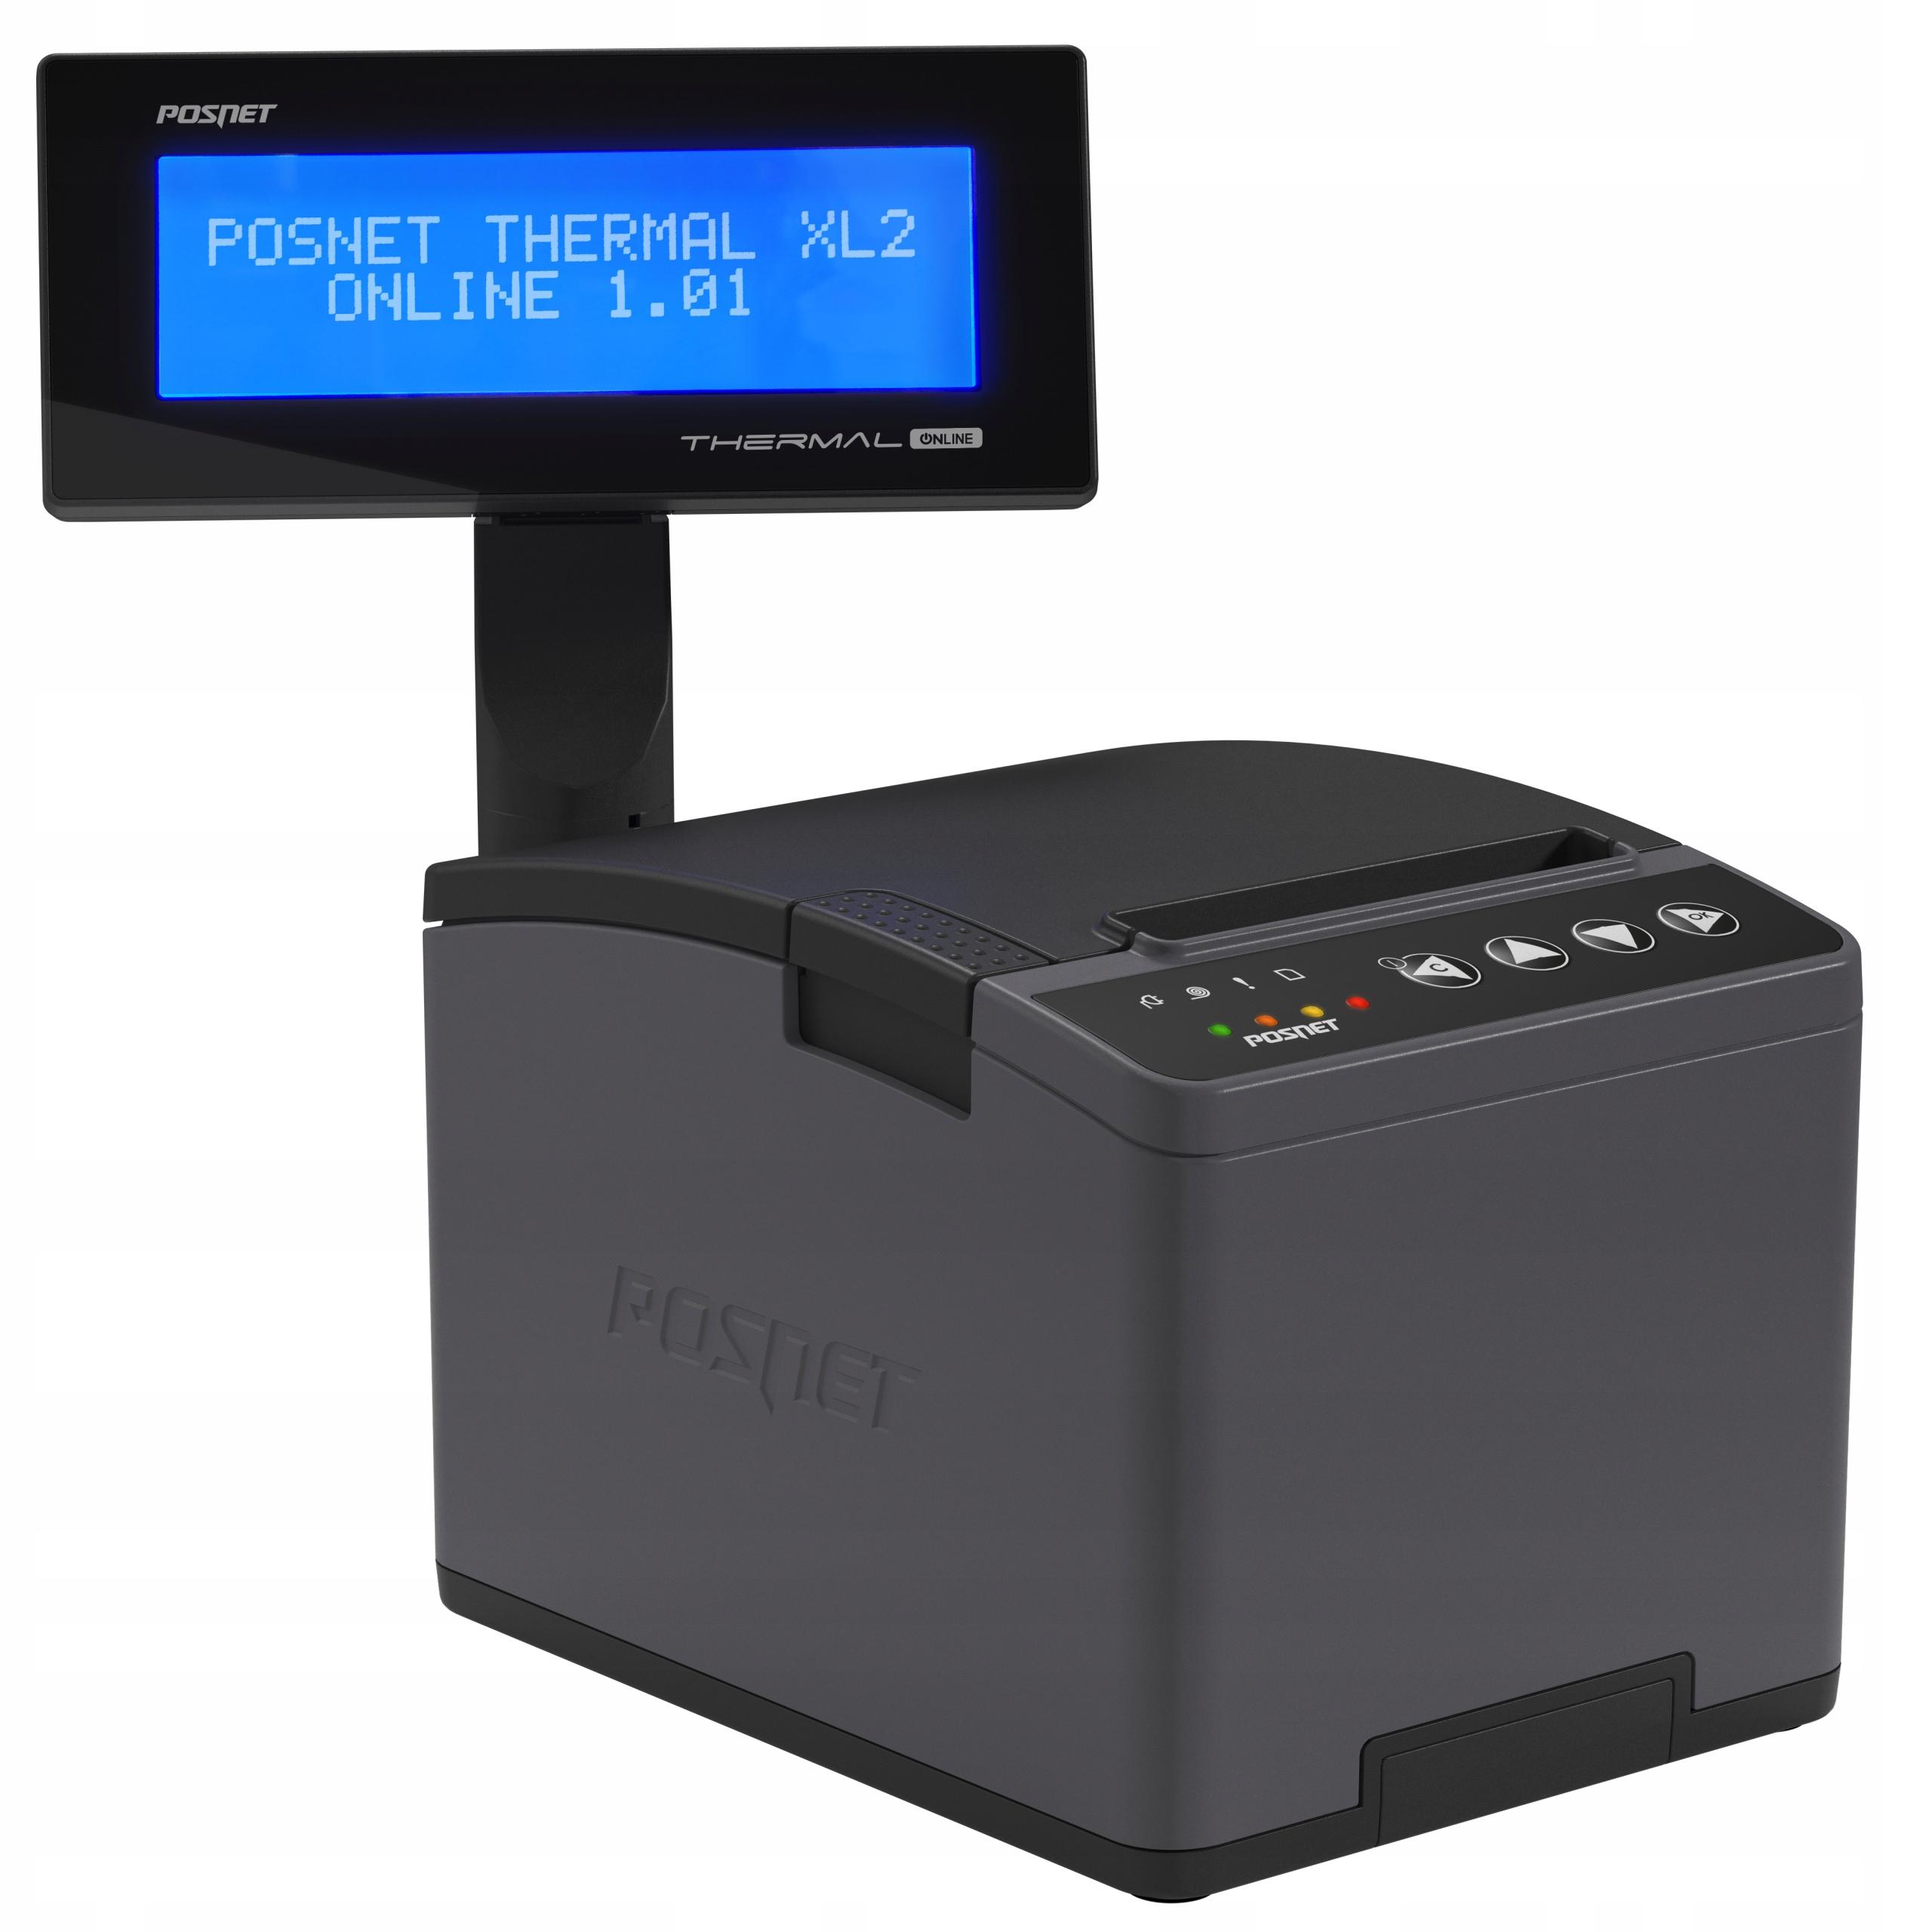 Fiškálna tlačiareň POSNET Thermal XL2 Online WiFi